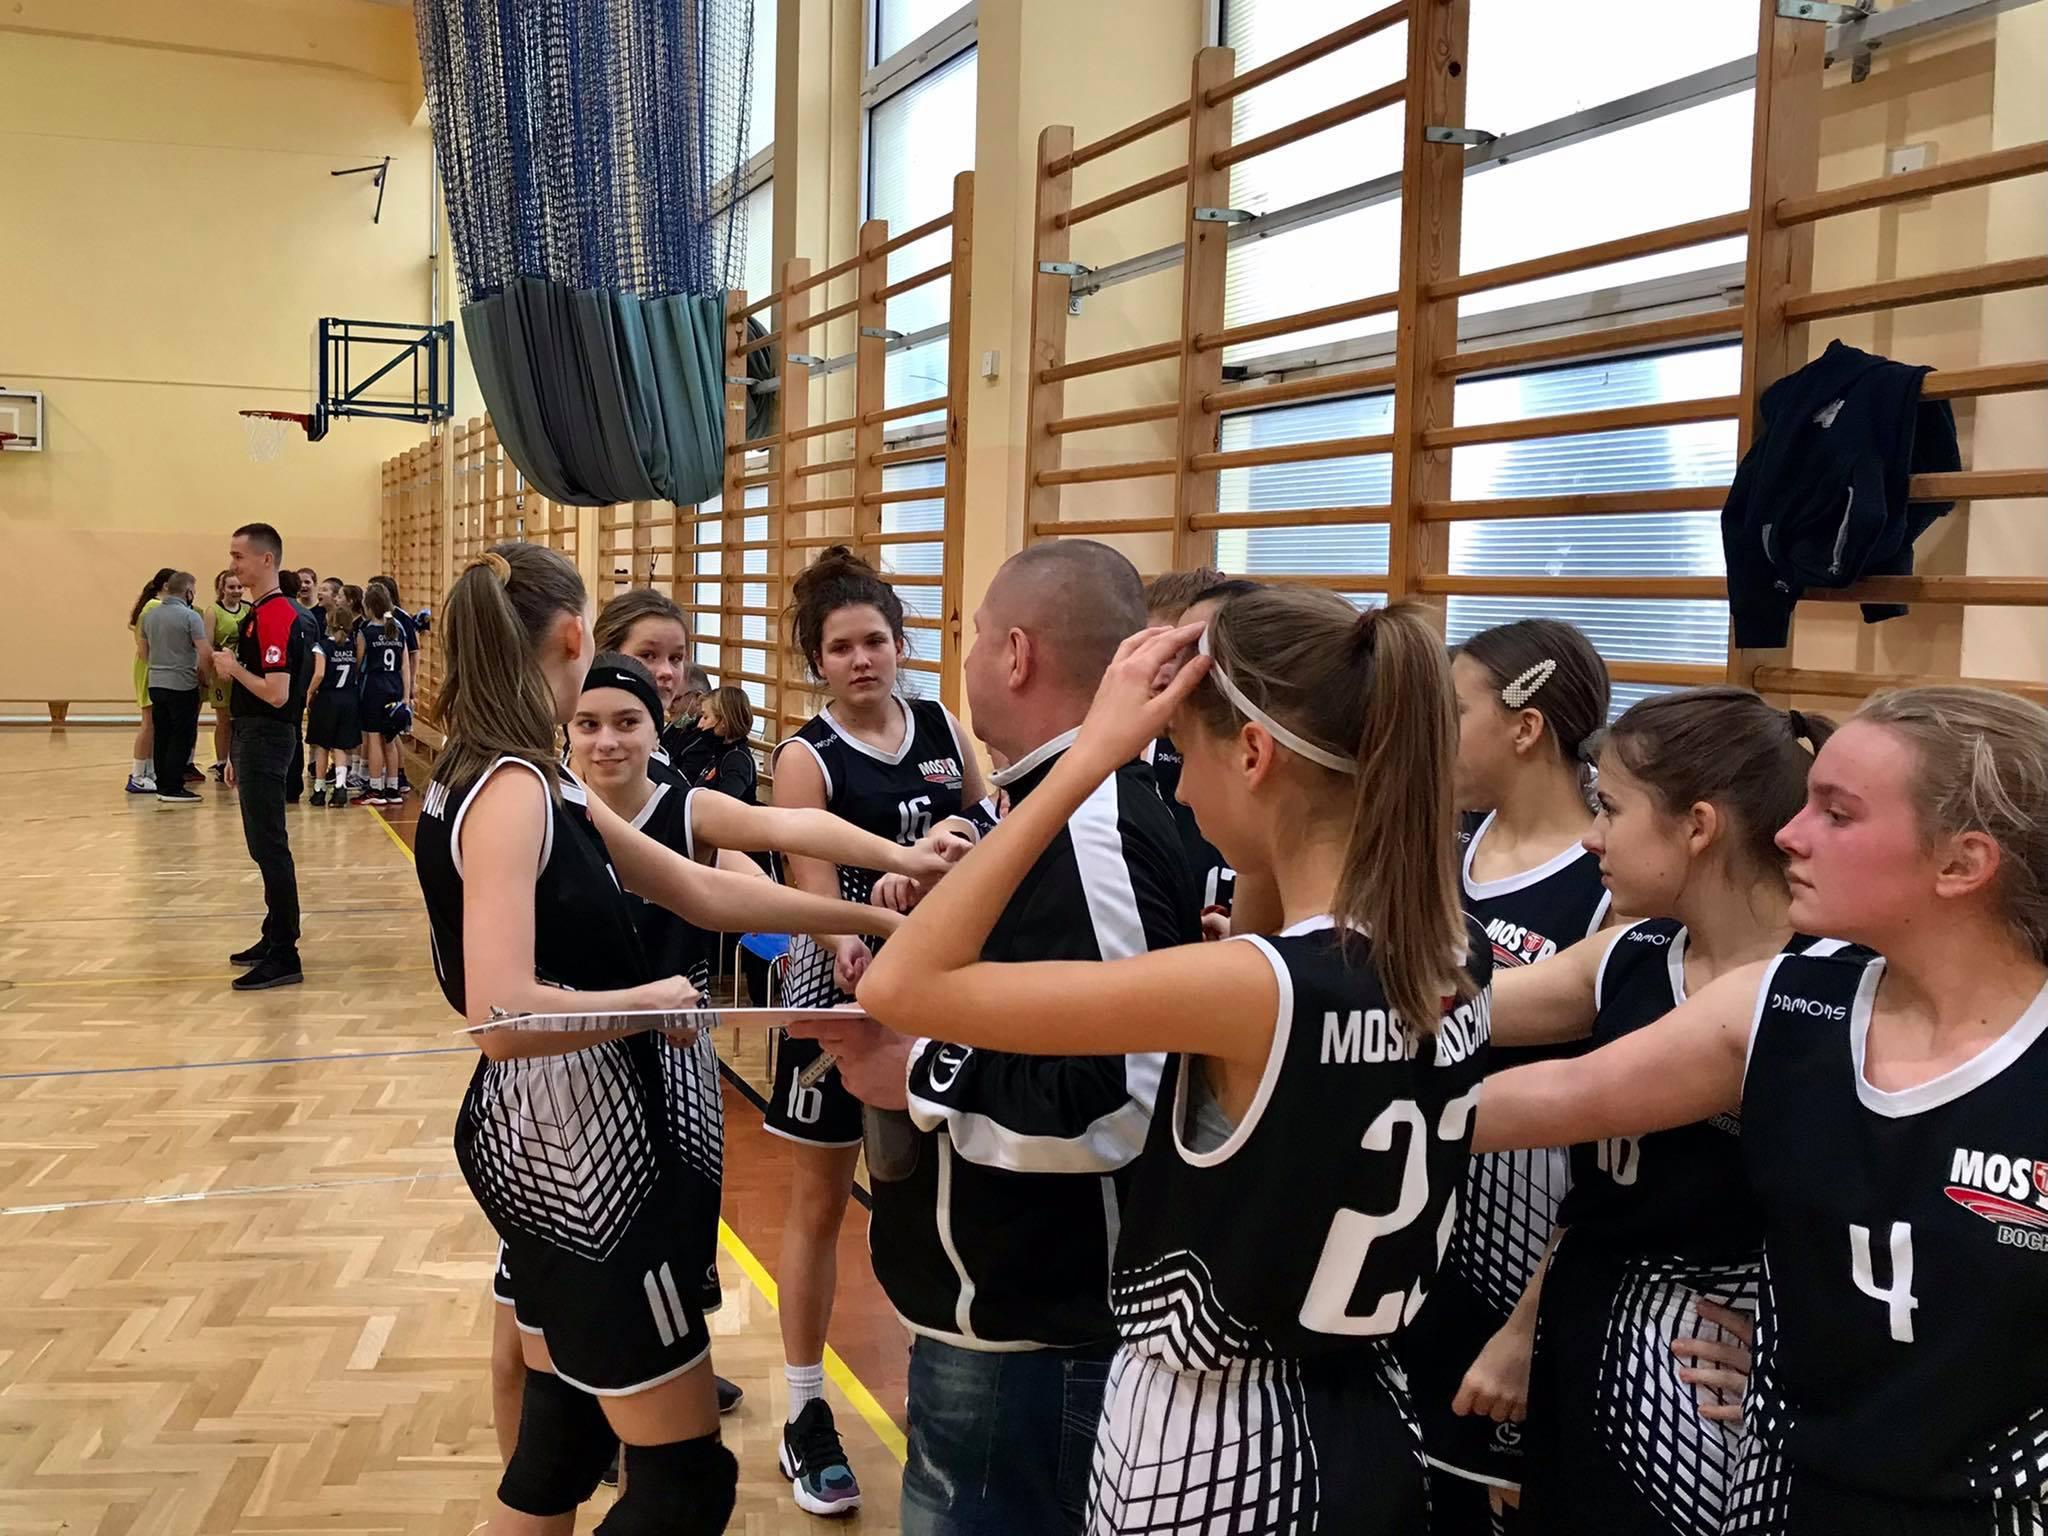 UMKS Gracz Starachowice – MOSiR Bochnia 43:116 / Małopolska Liga Koszykówki Kadetek B